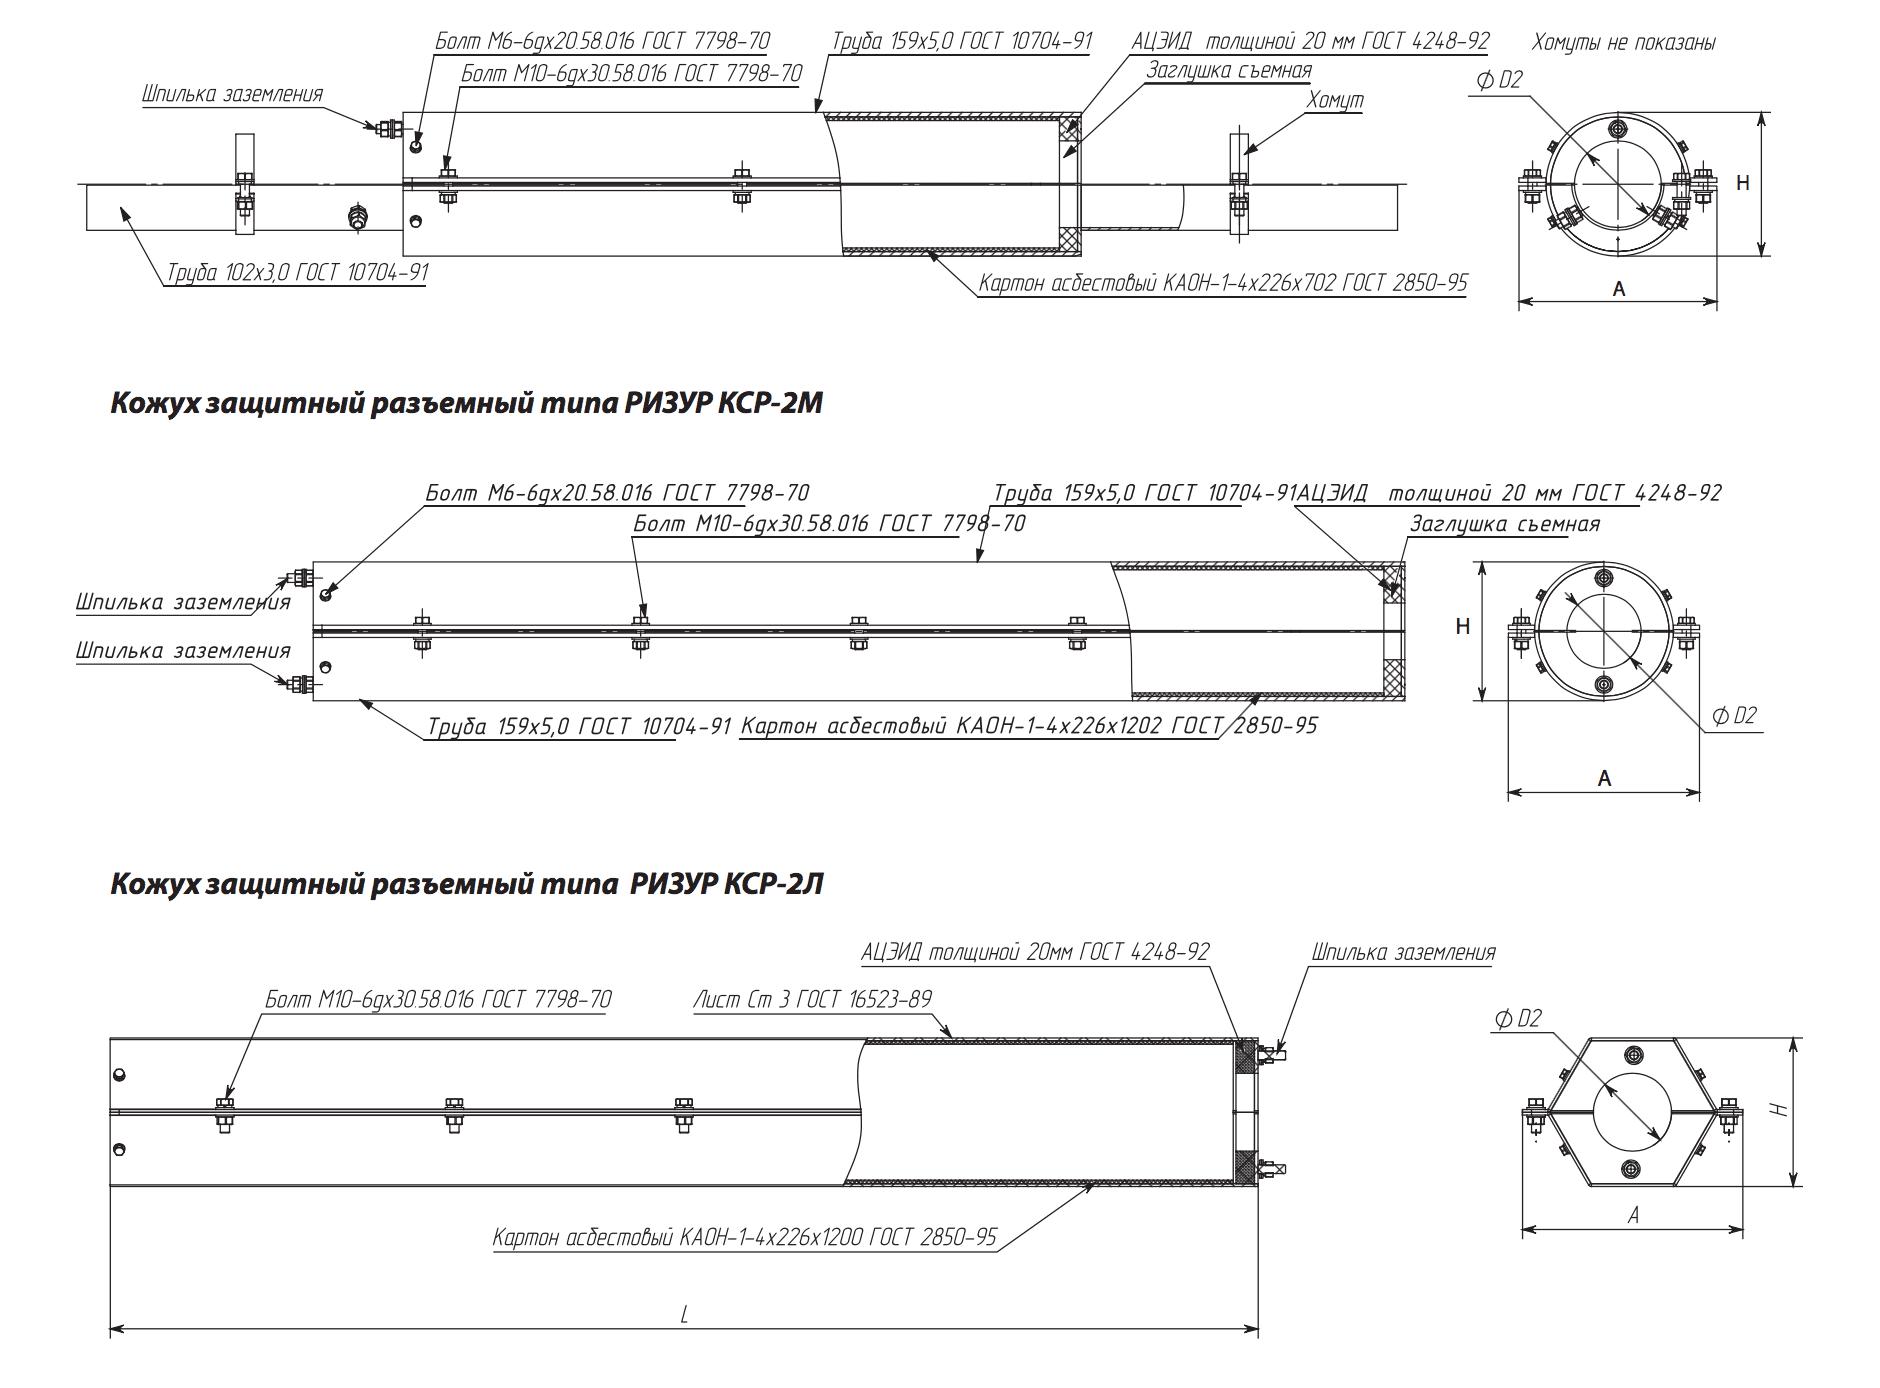 Кожух стальной защитный разъемный КСР, КСР-2У, КСР-2У2, КСР-1 РИЗУР